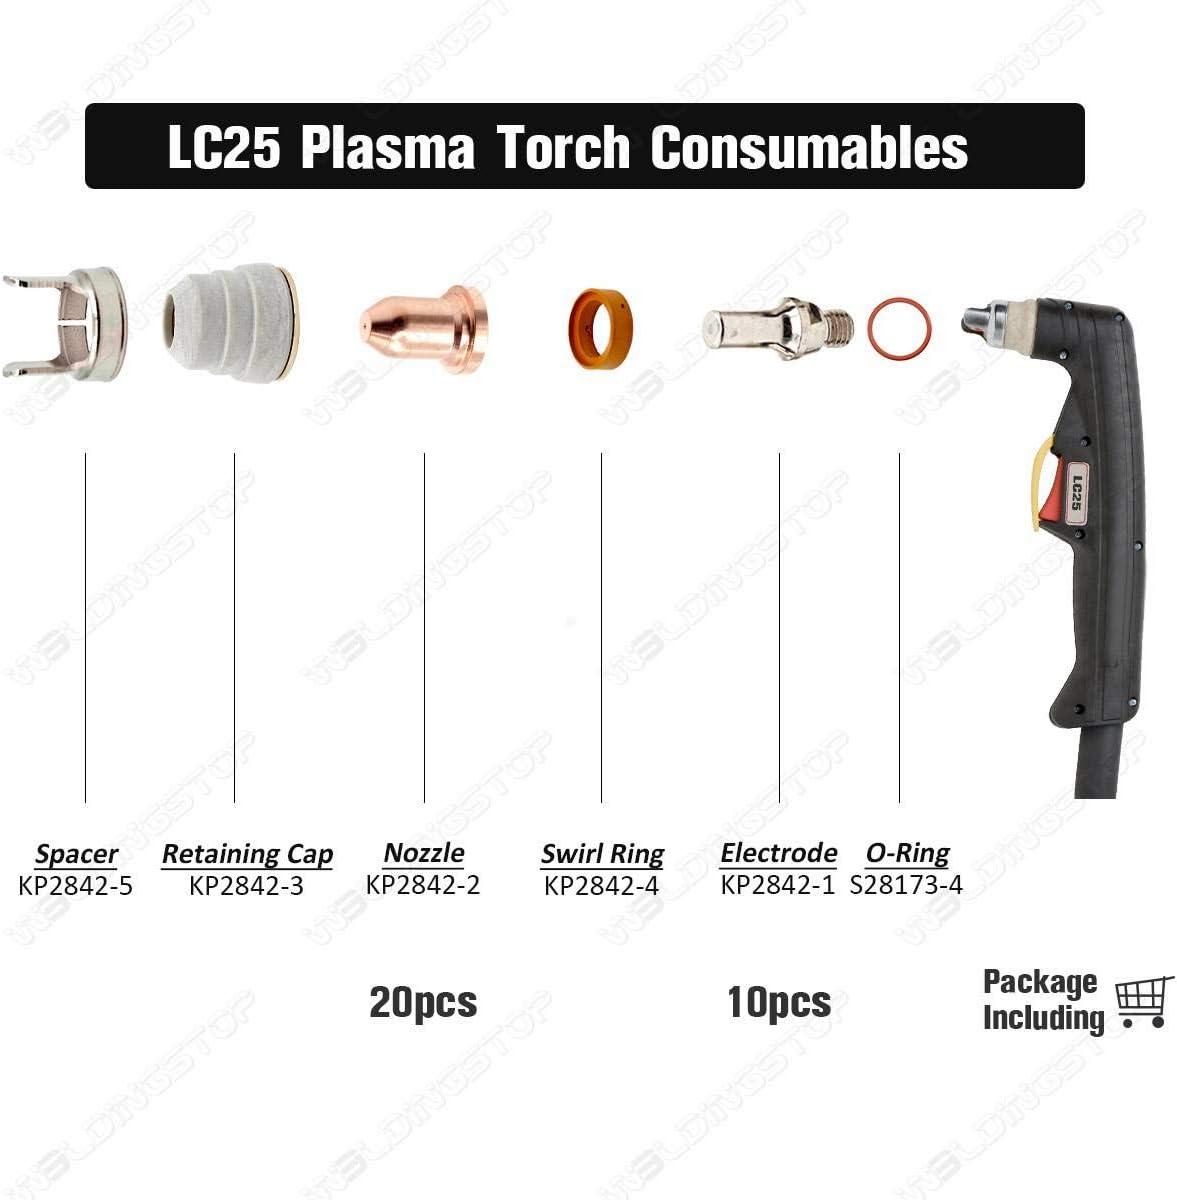 KP2842-2 Embout de coupe plasma pour lampe torche Lincoln /électrique LC25 Qty-10